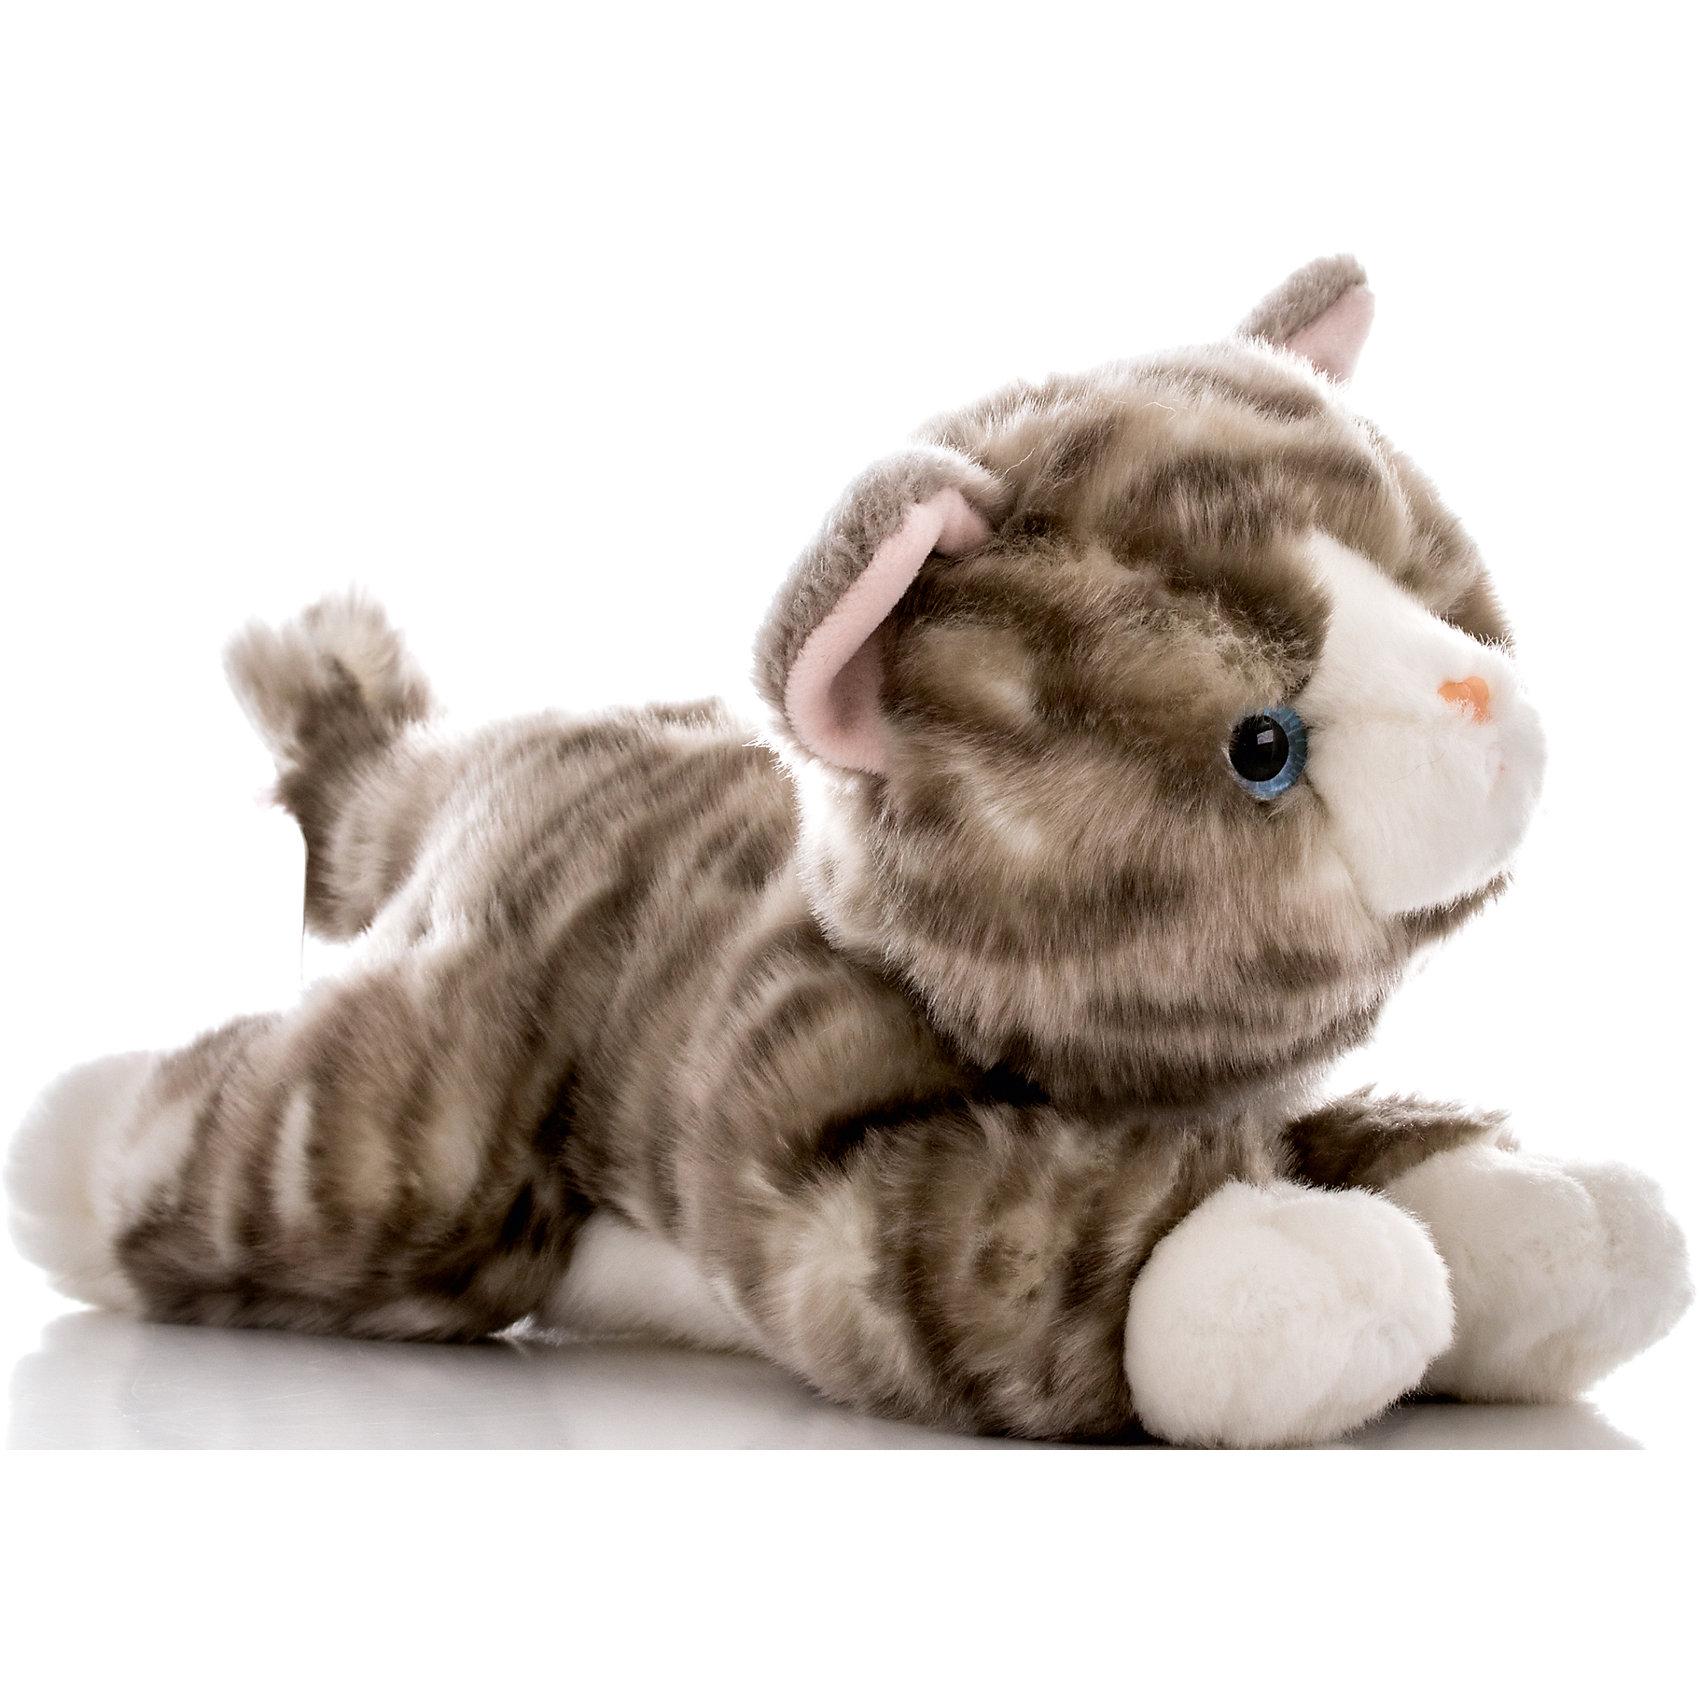 Мягкая игрушка Котенок серый, 28 см, AURORAКошки и собаки<br>Красивый котик с серой шерсткой, обязательно понравится Вашему ребенку! Котик невероятно мягкий, у него серый хвостик и милый розовый носик, а еще, у котика очаровательные глазки.<br><br>Дополнительная информация:<br><br>- Возраст: от 3 лет.<br>- Материал: плюш, синтепон.<br>- Цвет: серый<br>- Высота игрушки: 28 см.<br><br>Купить мягкую игрушку Котик можно в нашем магазине.<br><br>Ширина мм: 250<br>Глубина мм: 110<br>Высота мм: 140<br>Вес г: 231<br>Возраст от месяцев: 36<br>Возраст до месяцев: 120<br>Пол: Унисекс<br>Возраст: Детский<br>SKU: 4929034